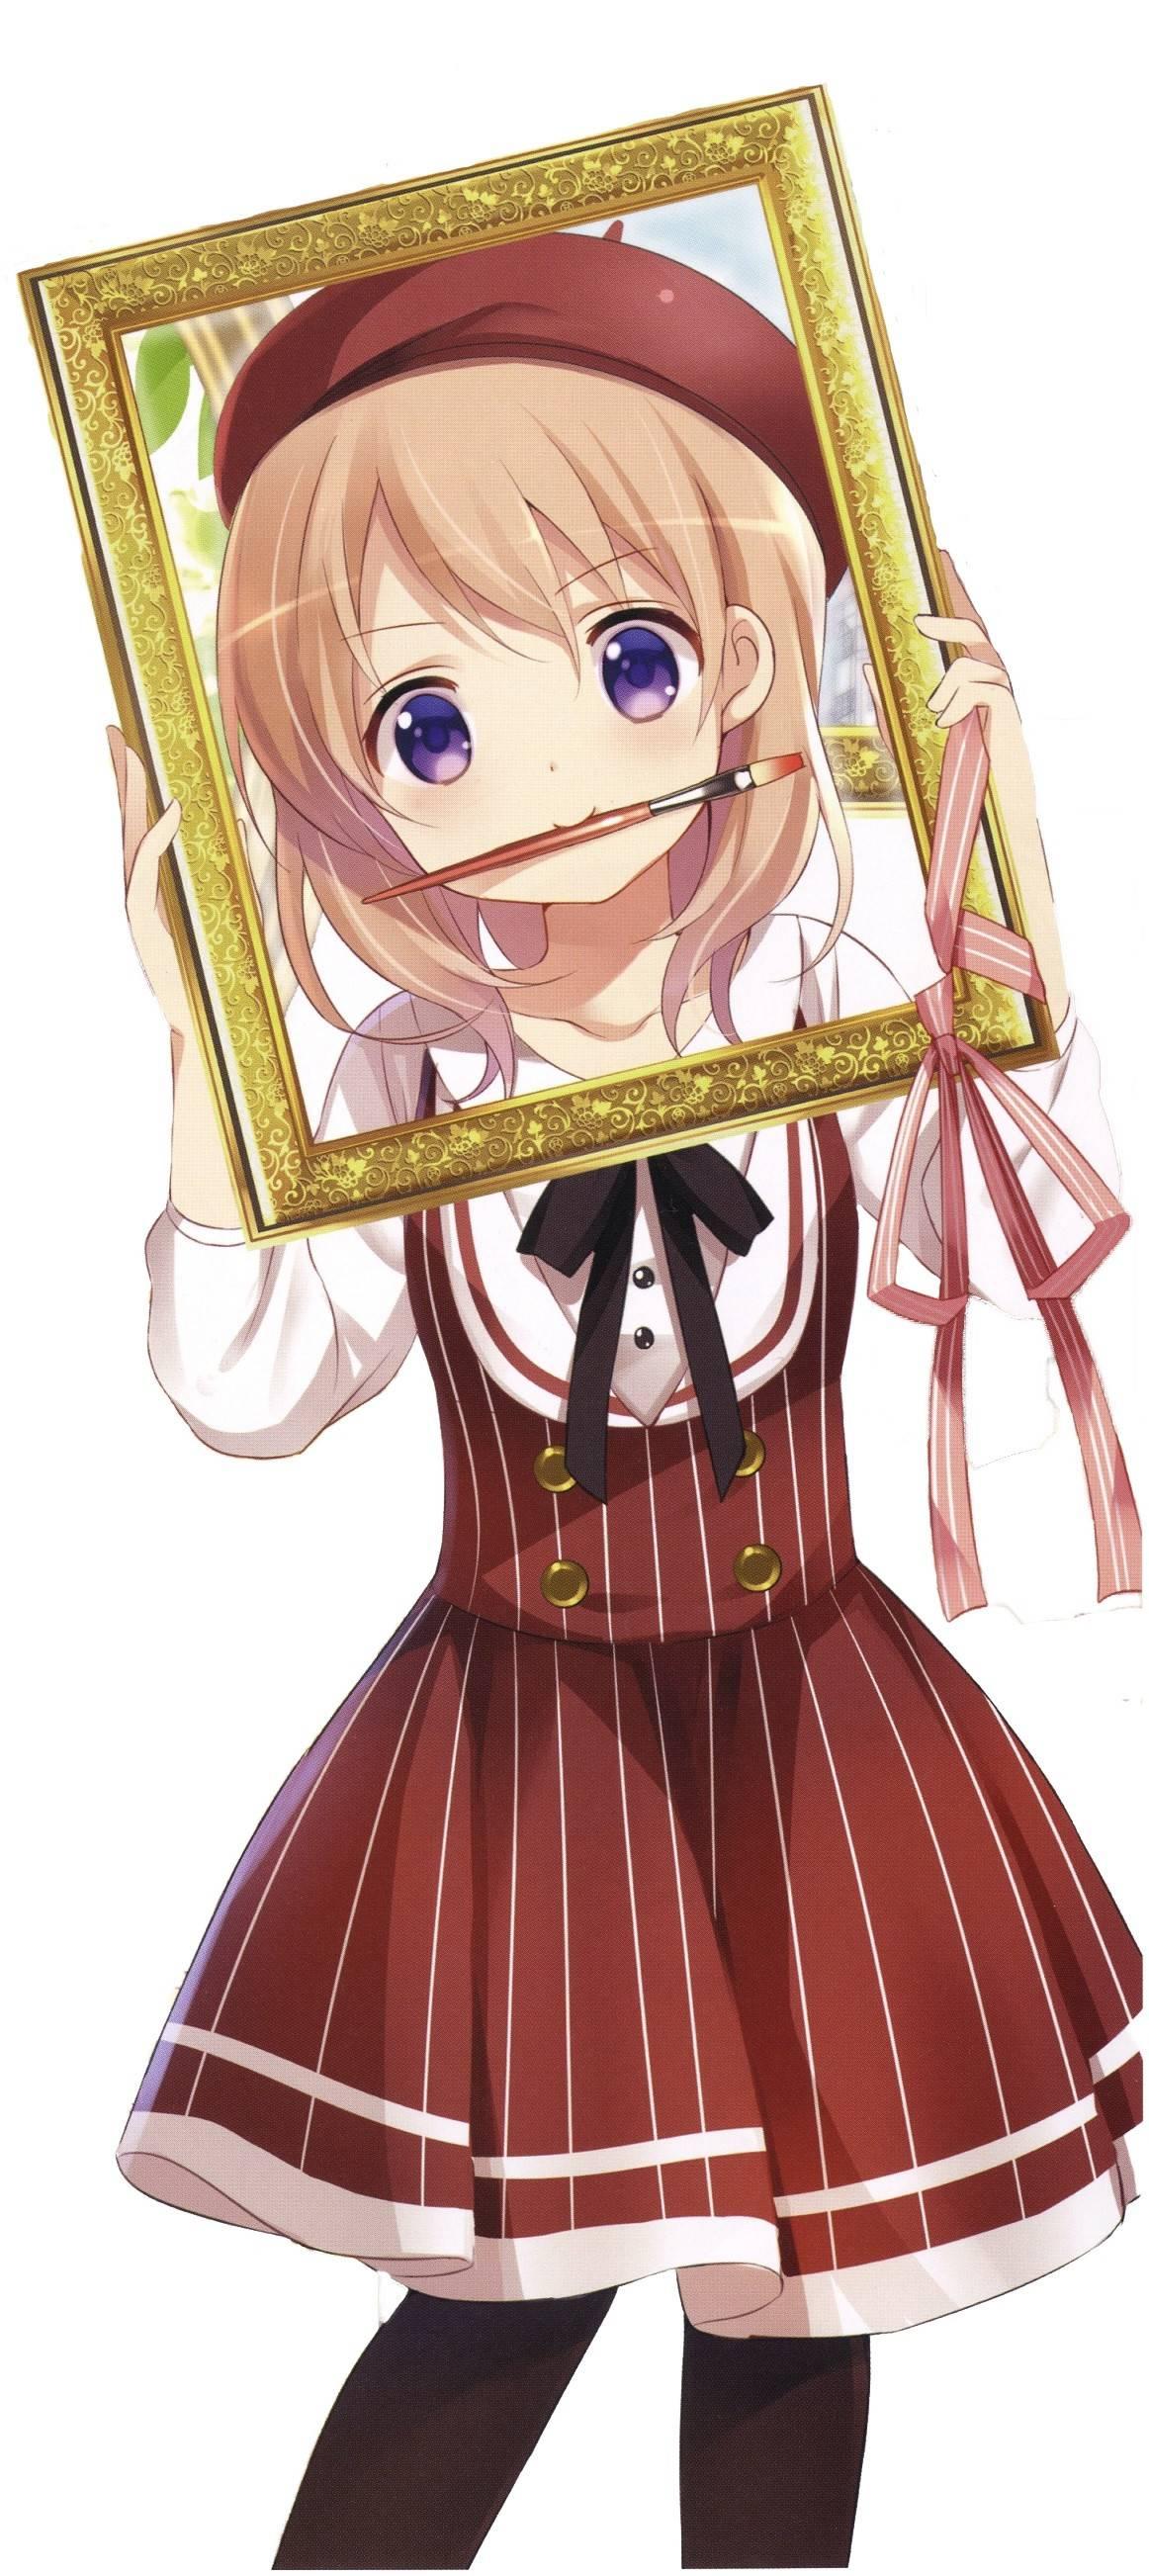 2次元のかわいい女の子画像0087